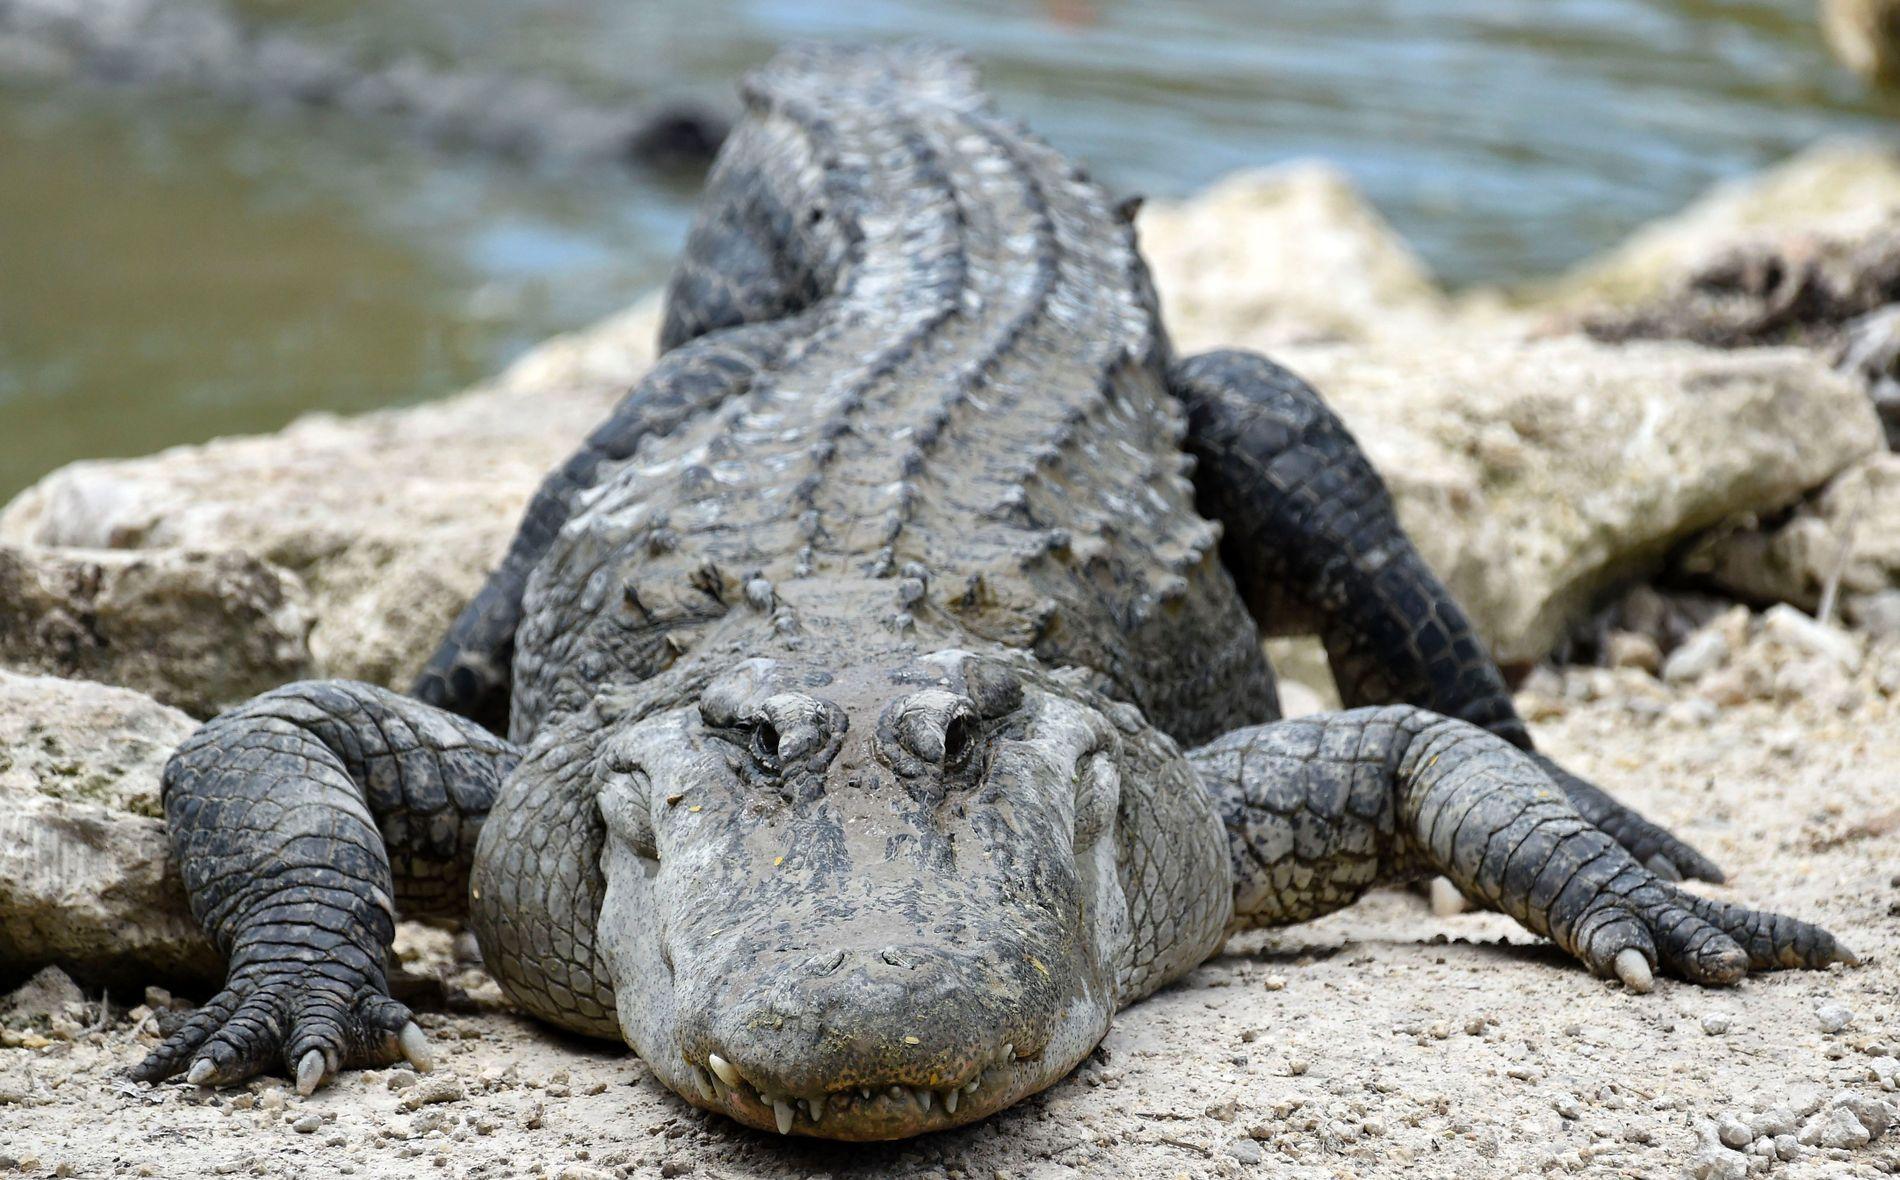 VM-MOTSTANDER: Eksempel på alligator fra Florida. De norske roerne risikerer å møte på krypdyrene under VM senere i september.